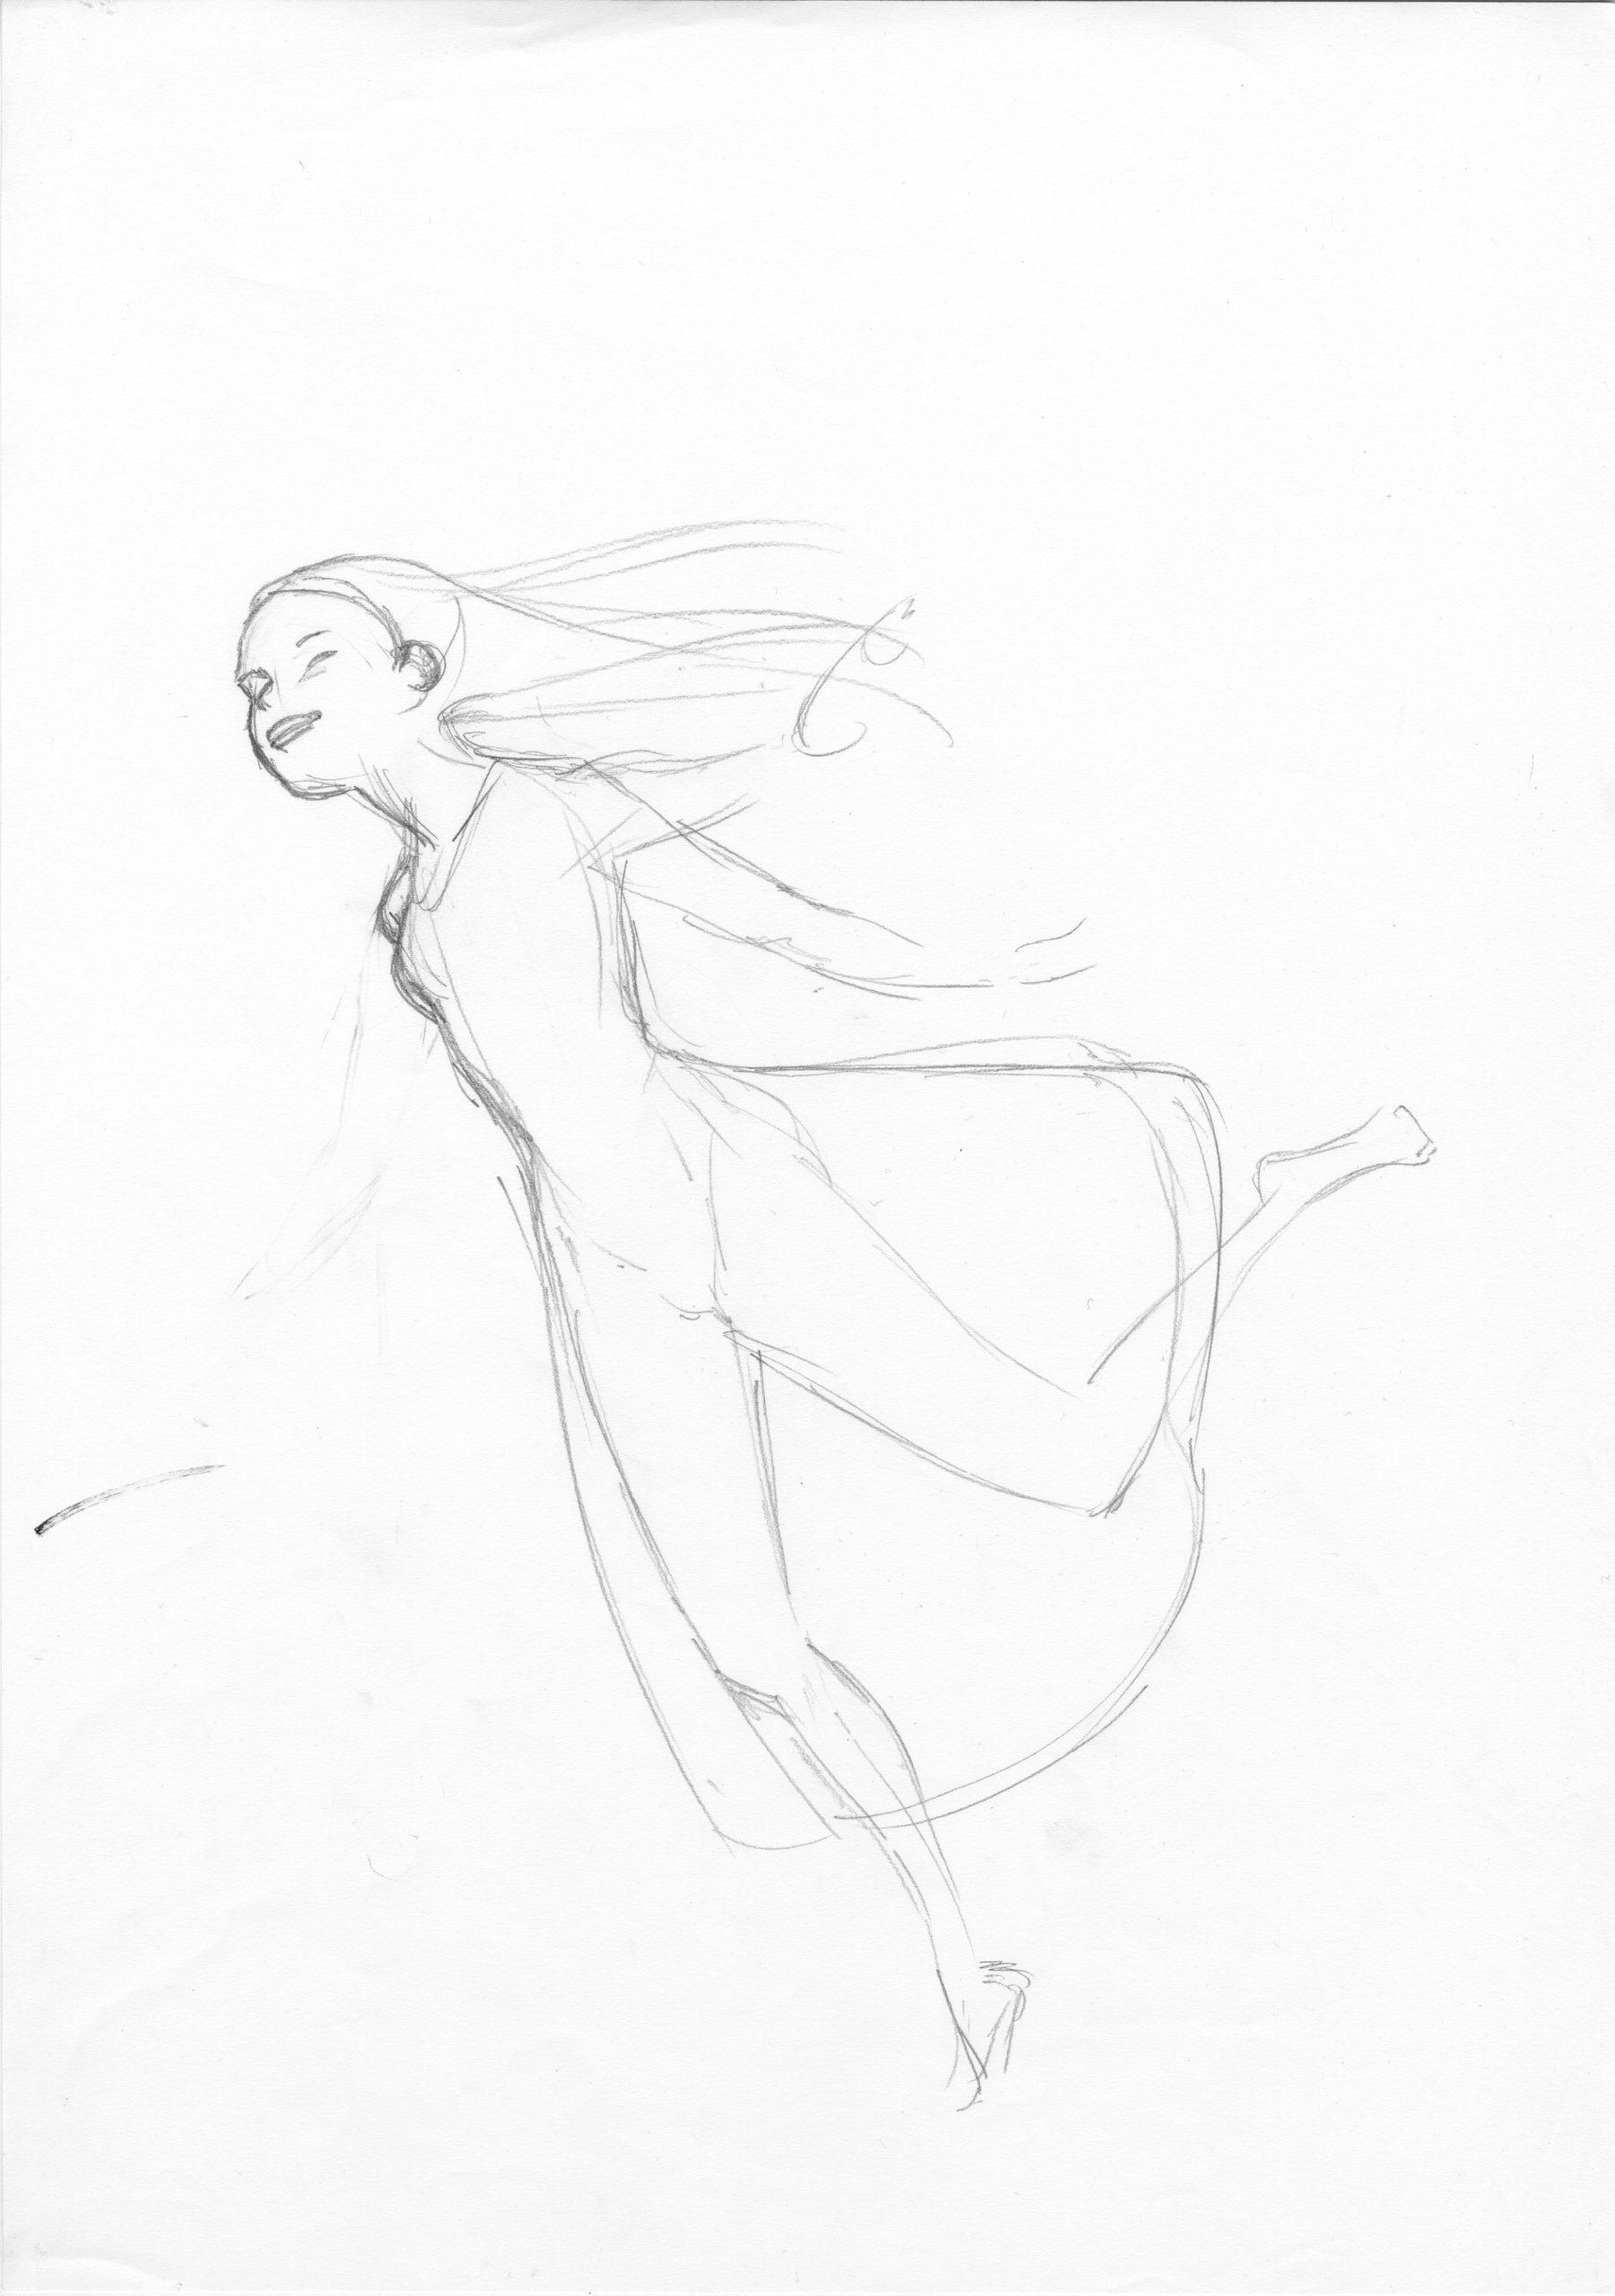 Sébastien Laudenbach, La jeune fille sans mains, 2015, maquette d'affiche, version française, encre, lavis d'encre et mine de graphite © Sébastien Laudenbach